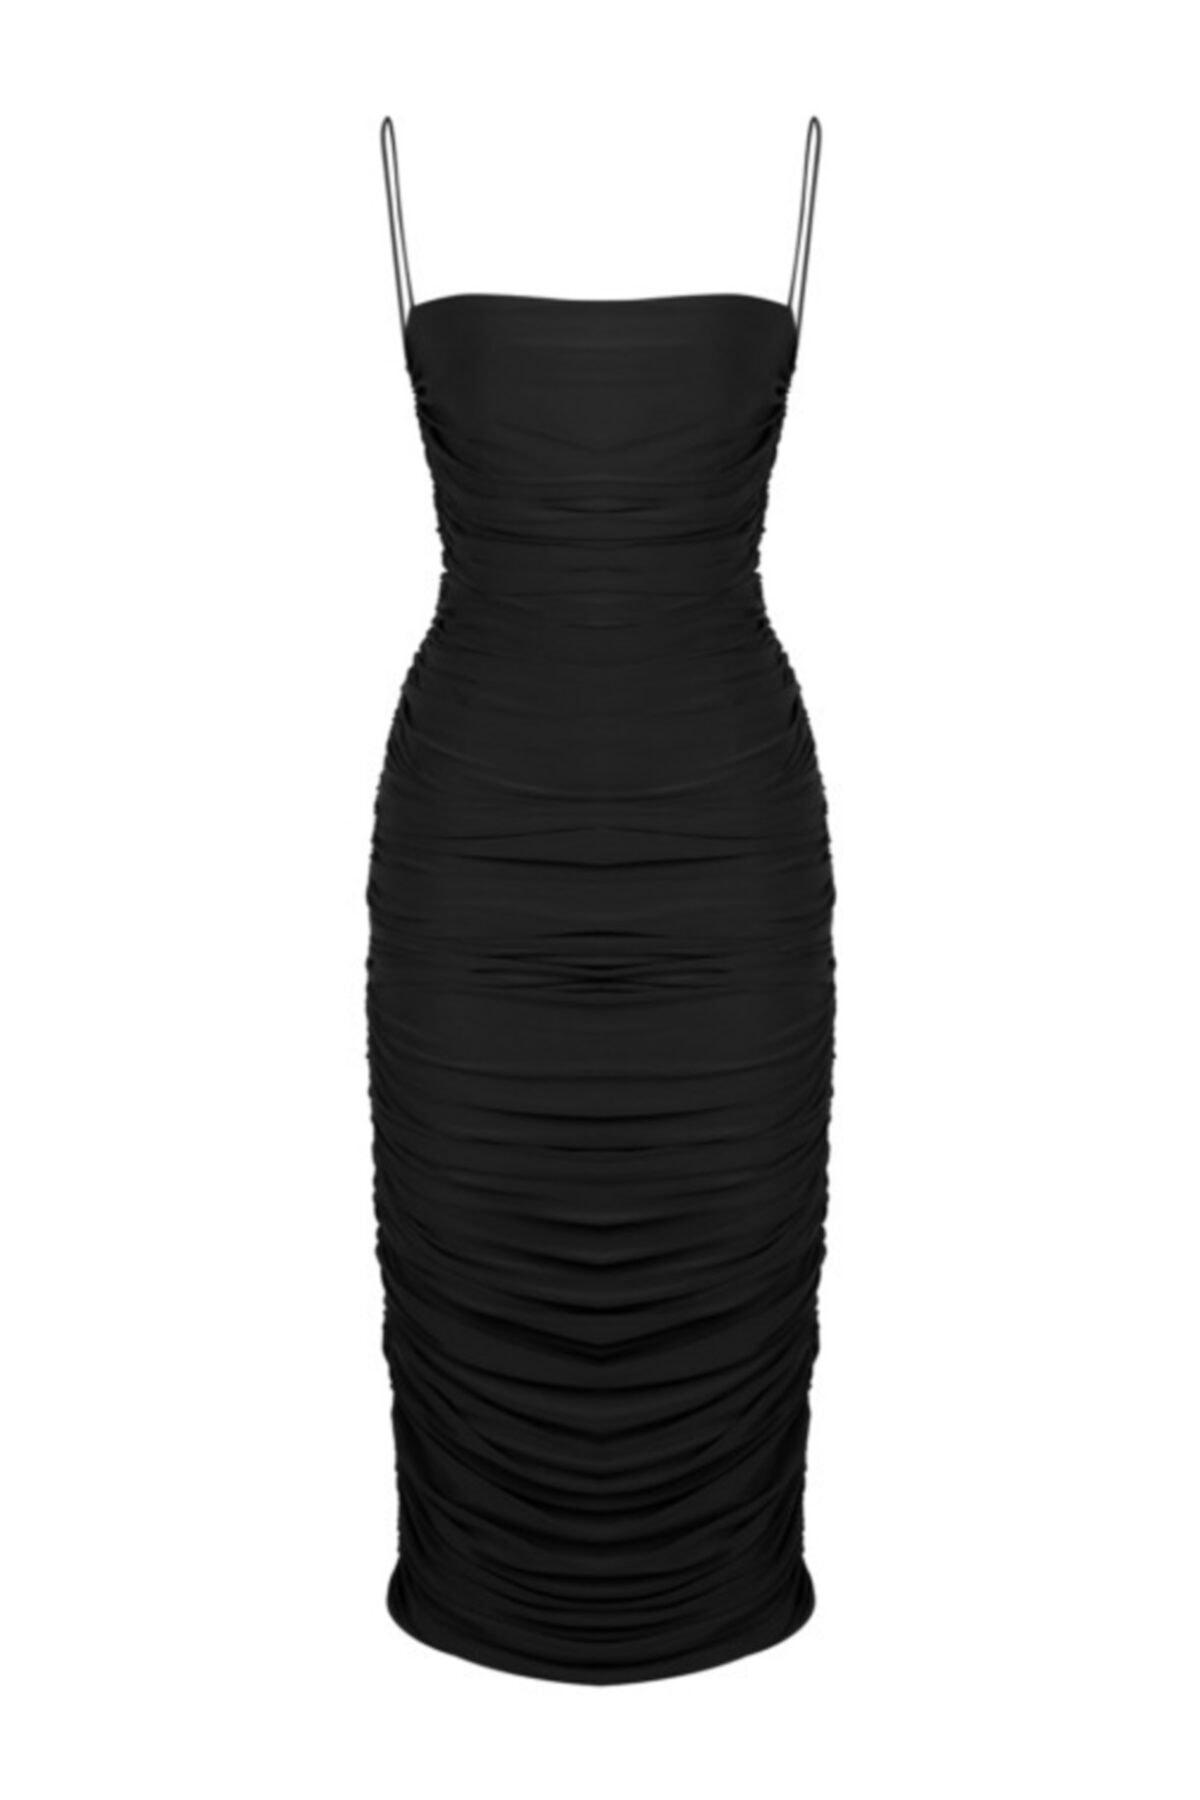 Whenever Company Kadın Siyah İnce Askılı Midi Abiye Elbise 1